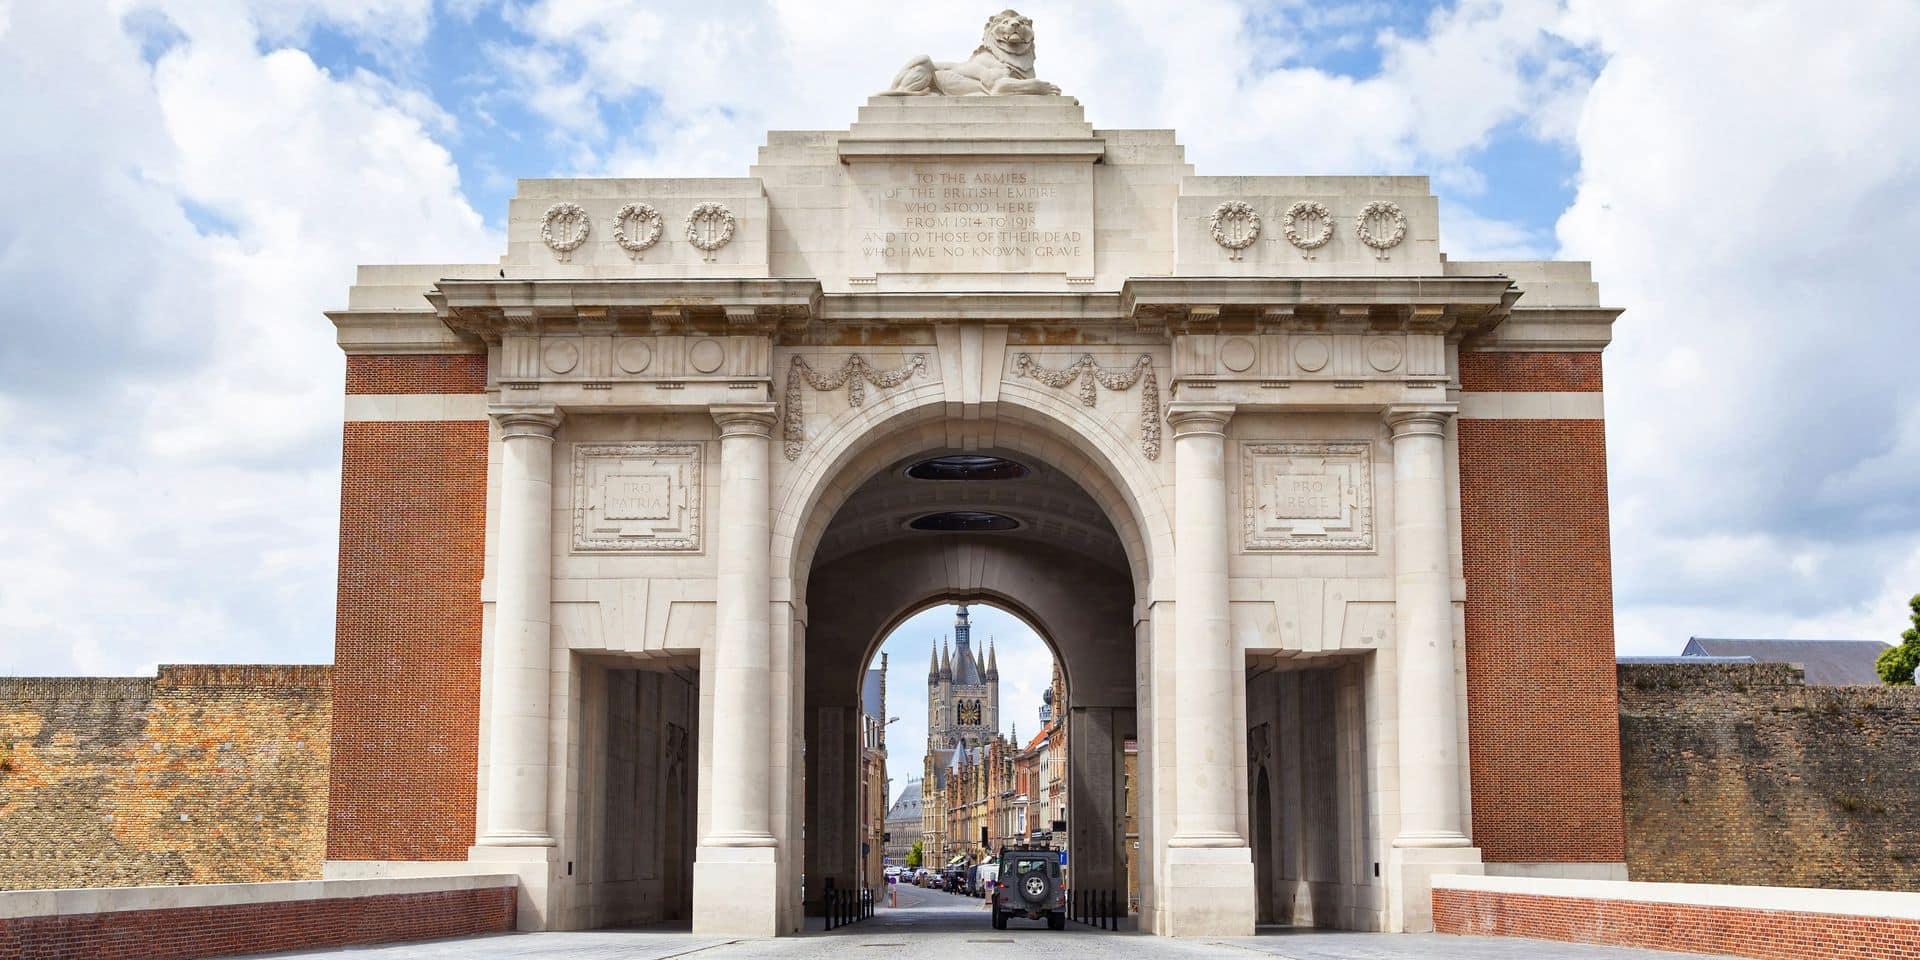 À la découverte d'Ypres, où résonne le clairon tous les soirs depuis 1928